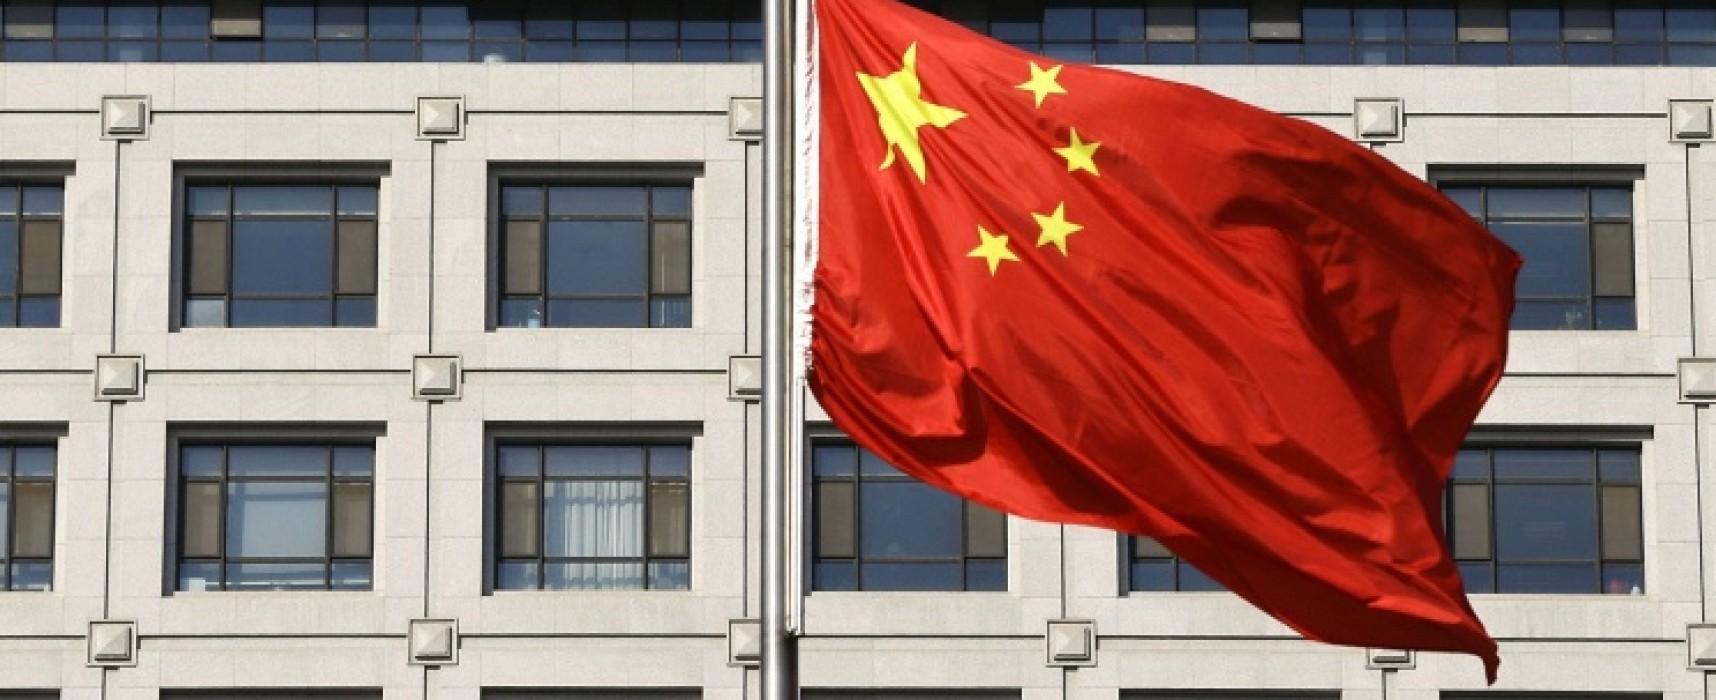 Власти Китая не заявляли о поддержке российской аннексии Крыма